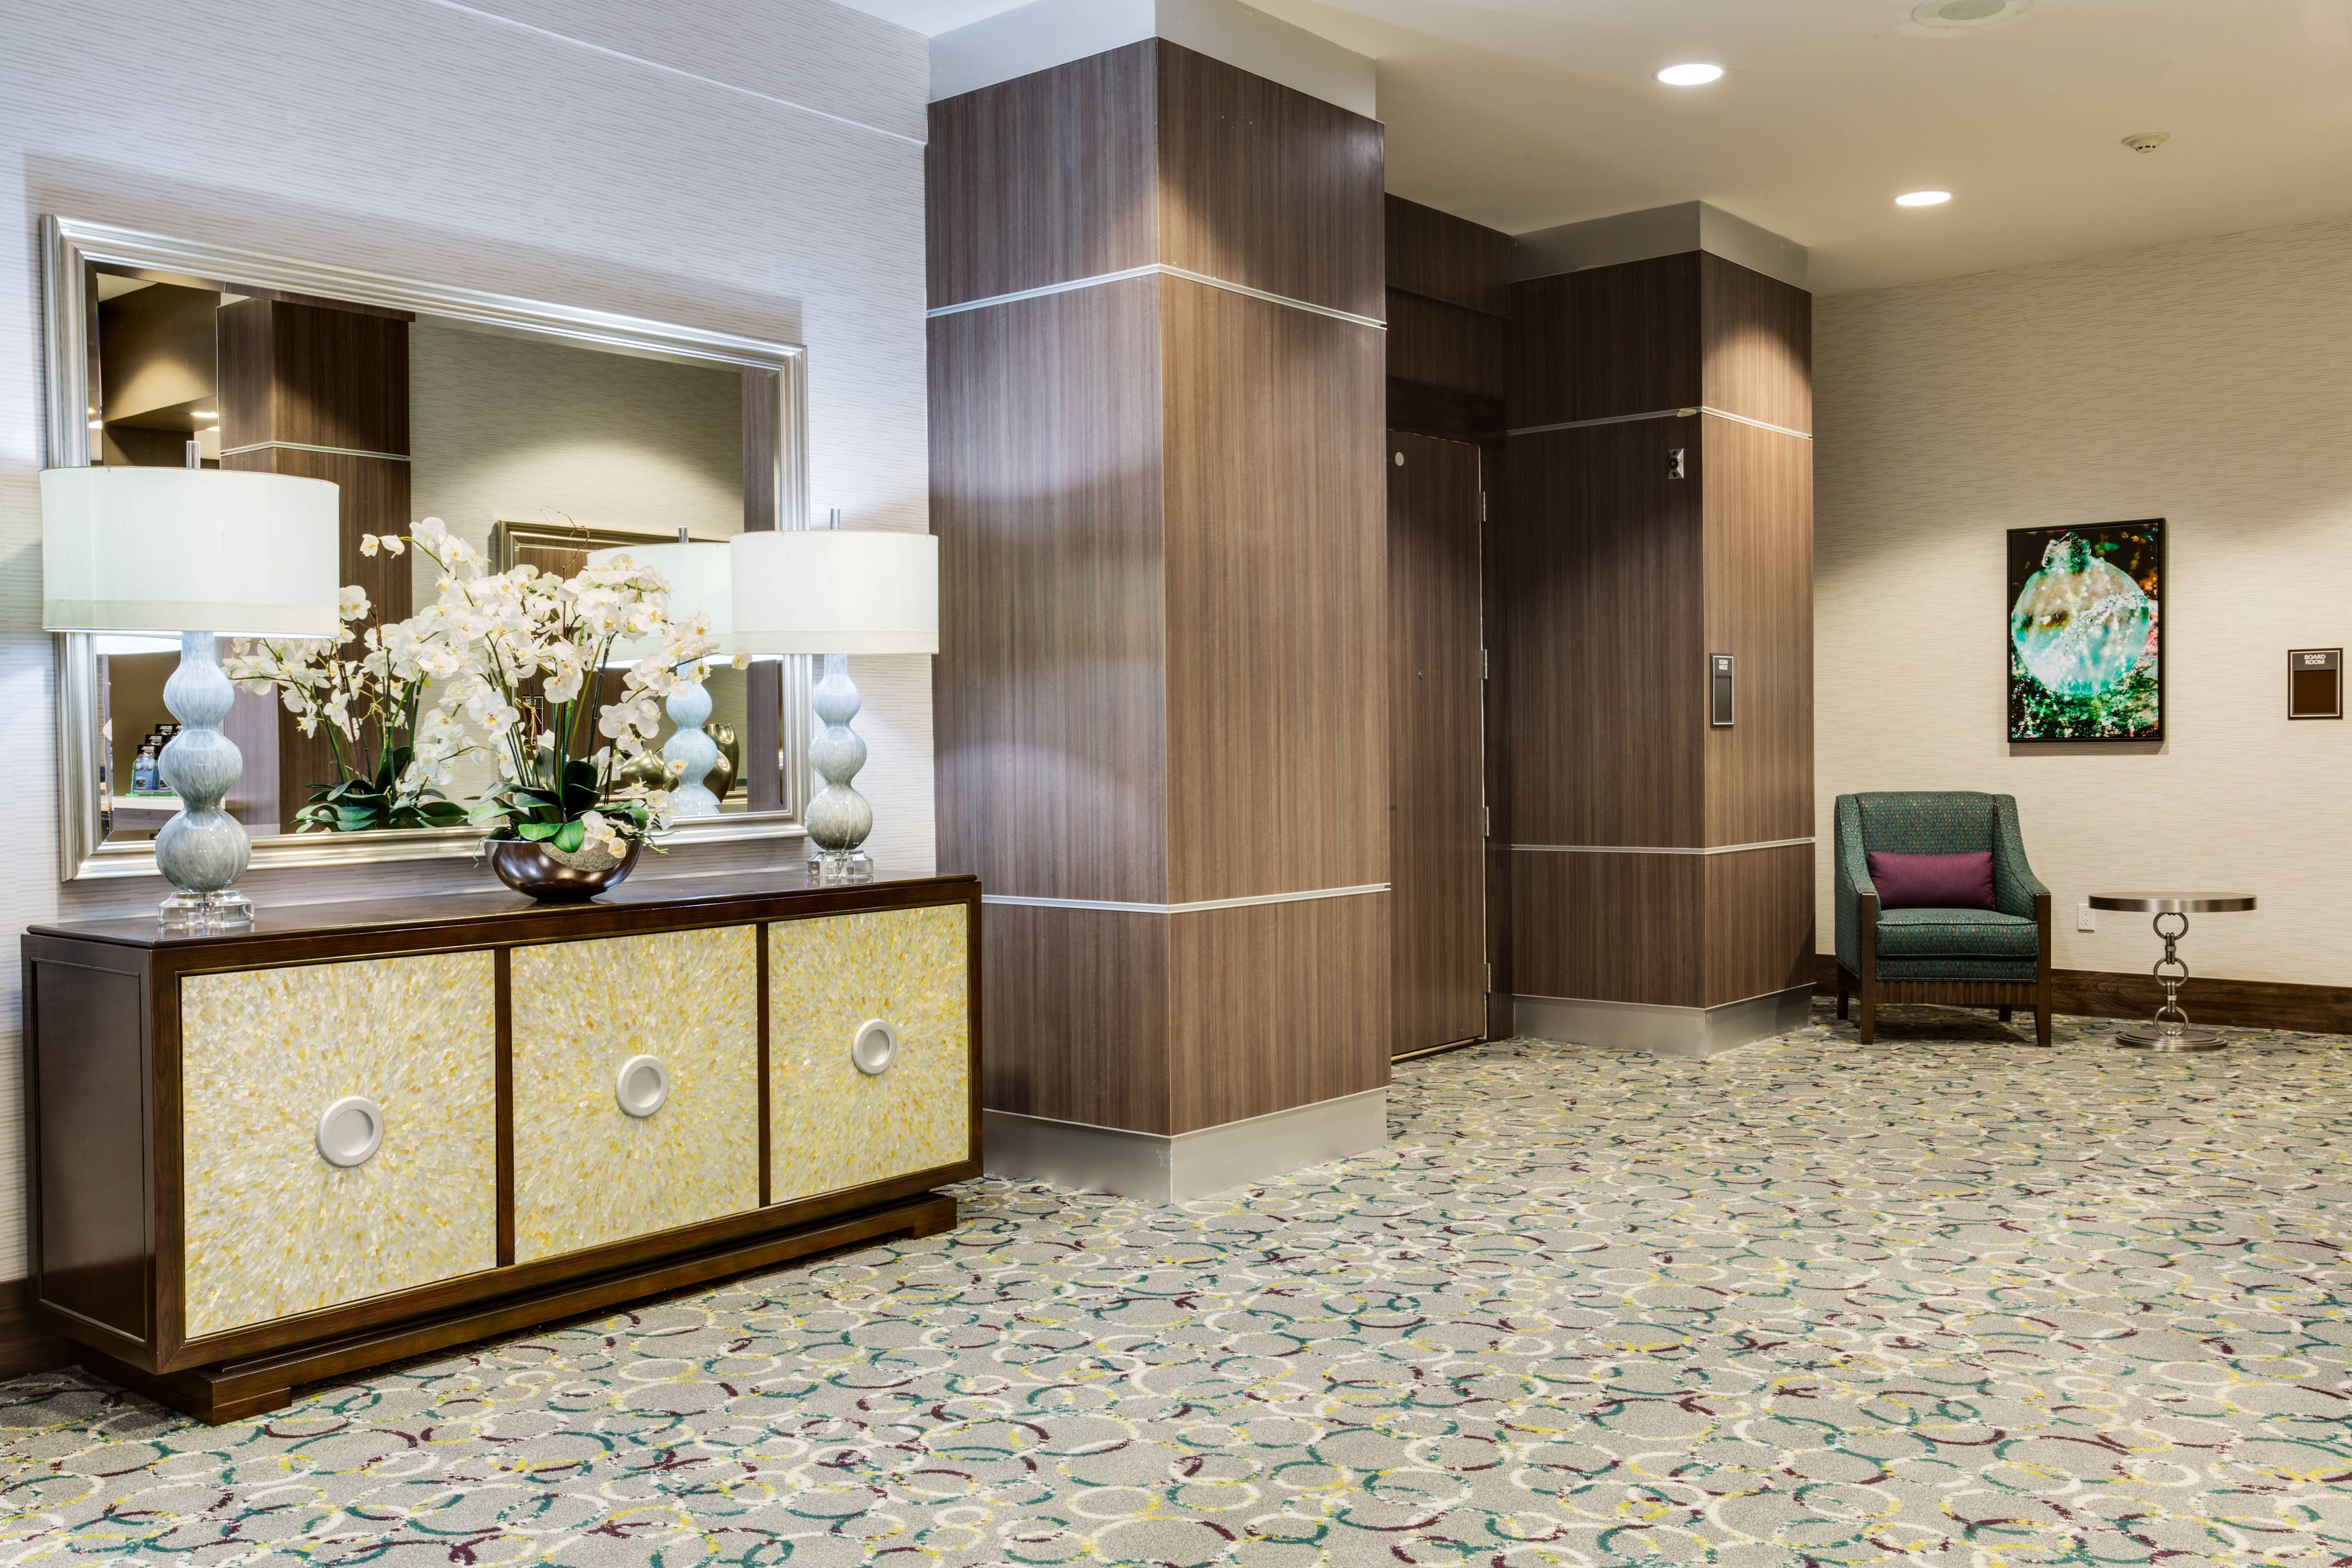 Residence Inn Daytona Beach Oceanfront Meeting Room Pre Function